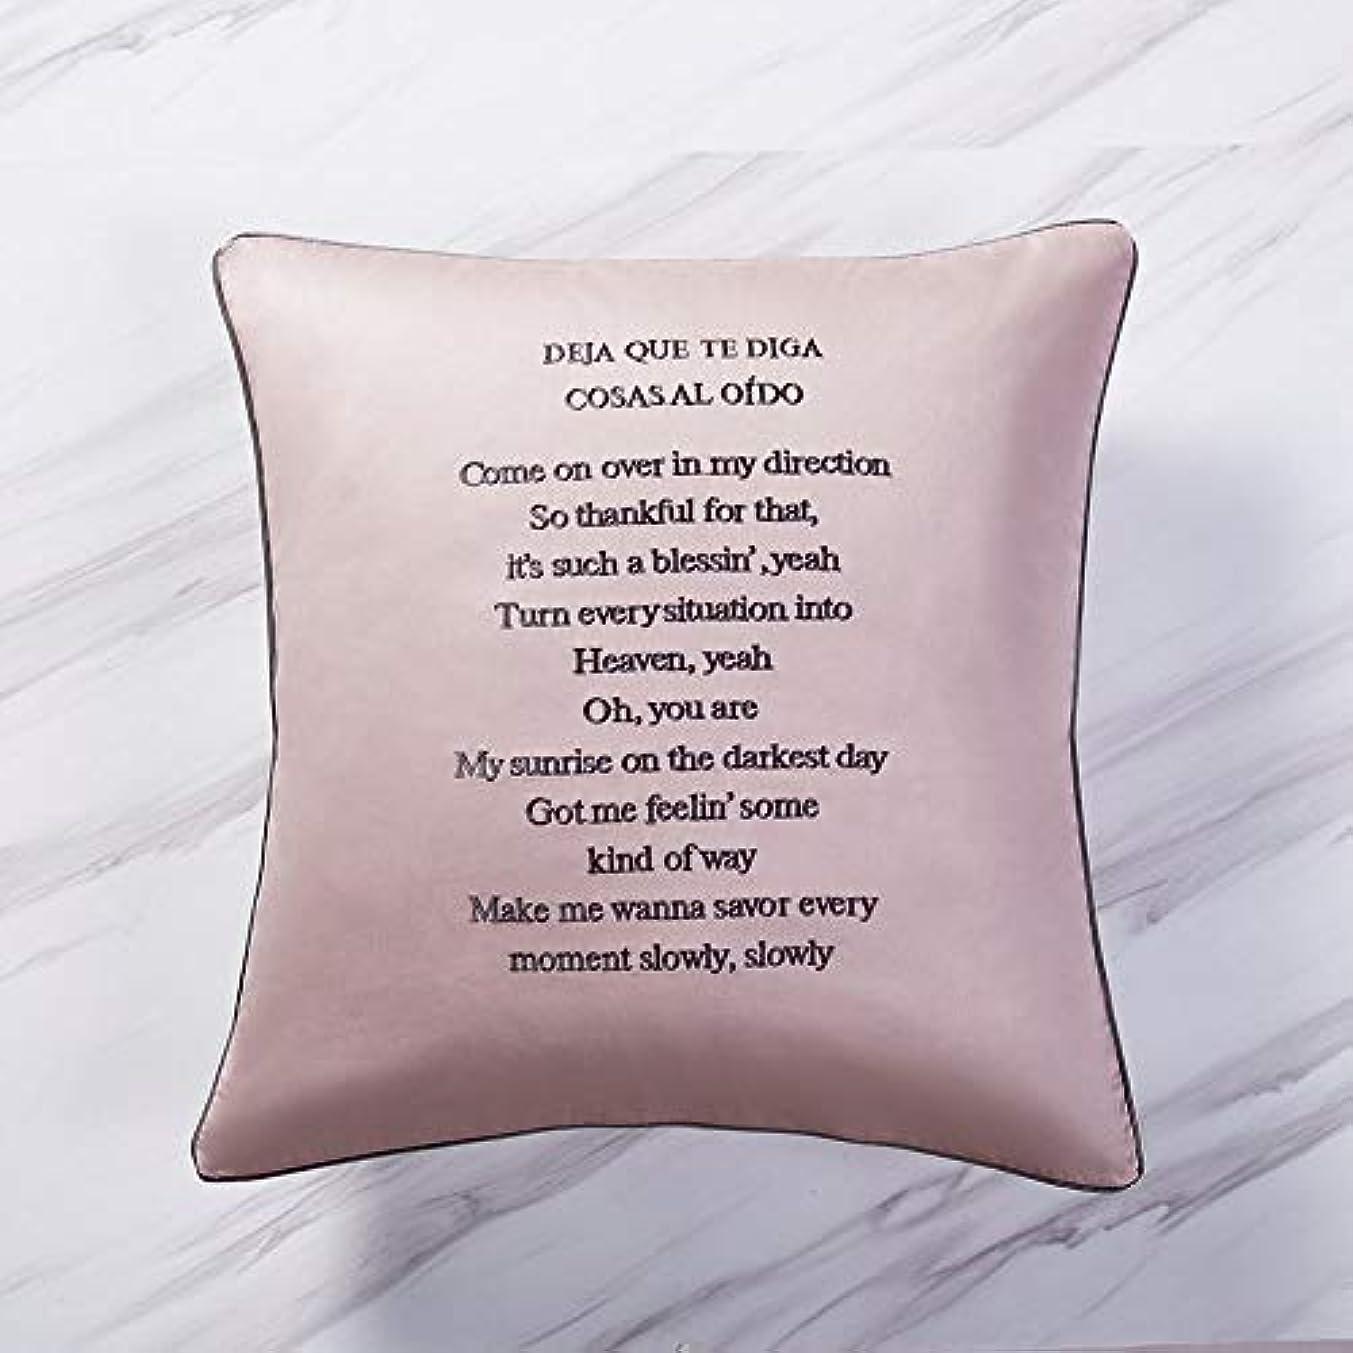 拡張抑制聖なる枕 ロングステープルコットン刺繍入りレターピローコットンソファーベッドbyウエストクッションピローケース付きコア (色 : Cream powder, Size : 45*45cm)